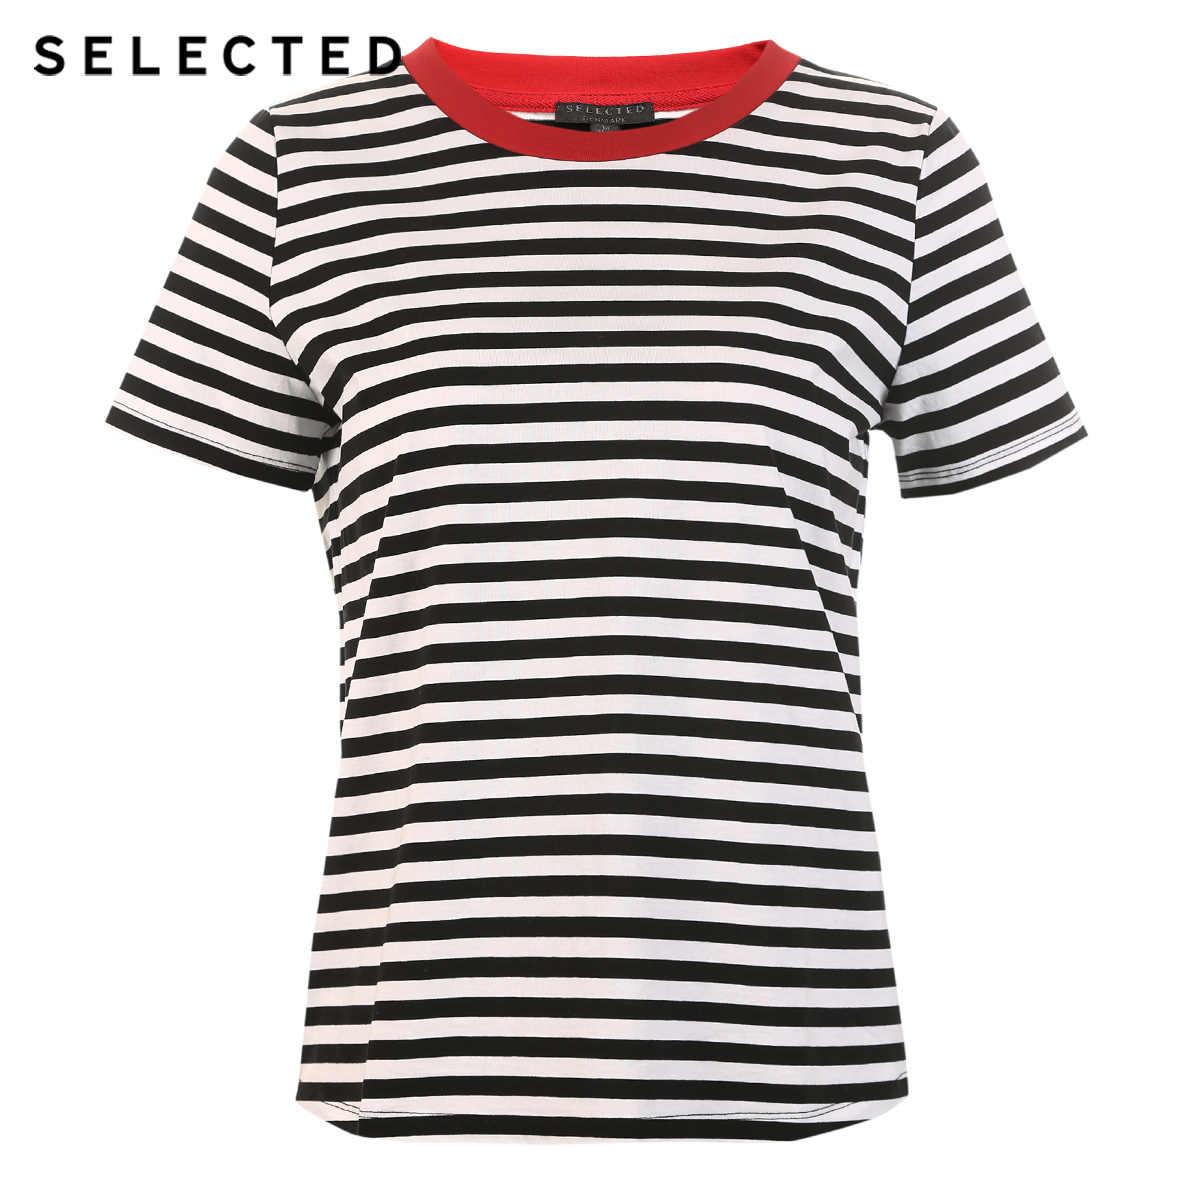 Yang Dipilih Wanita Musim Panas Peregangan Kontras Garis Lengan Pendek Rajutan T-shirt | 419201530